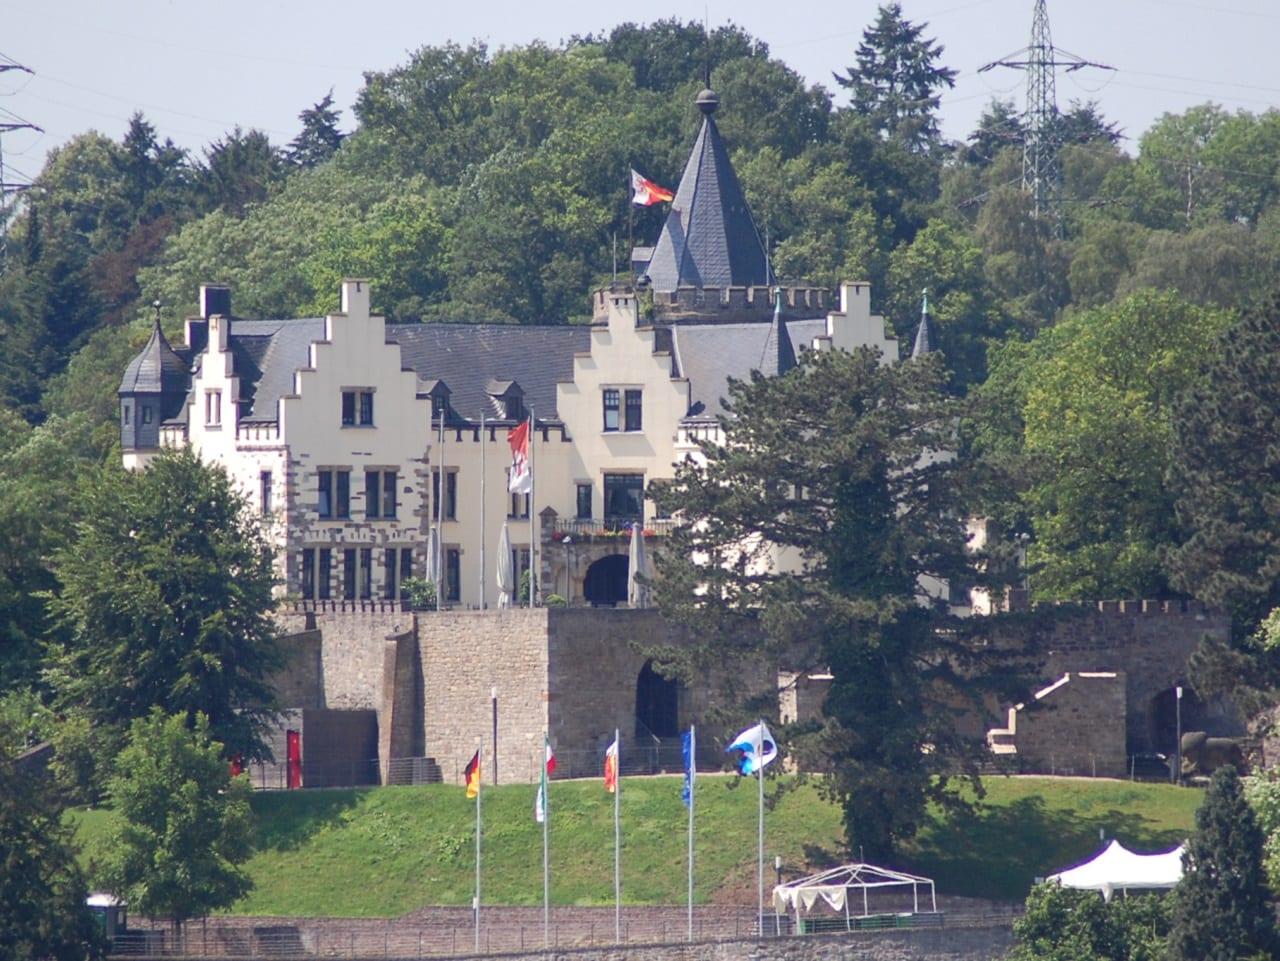 Burg Herzogenrath